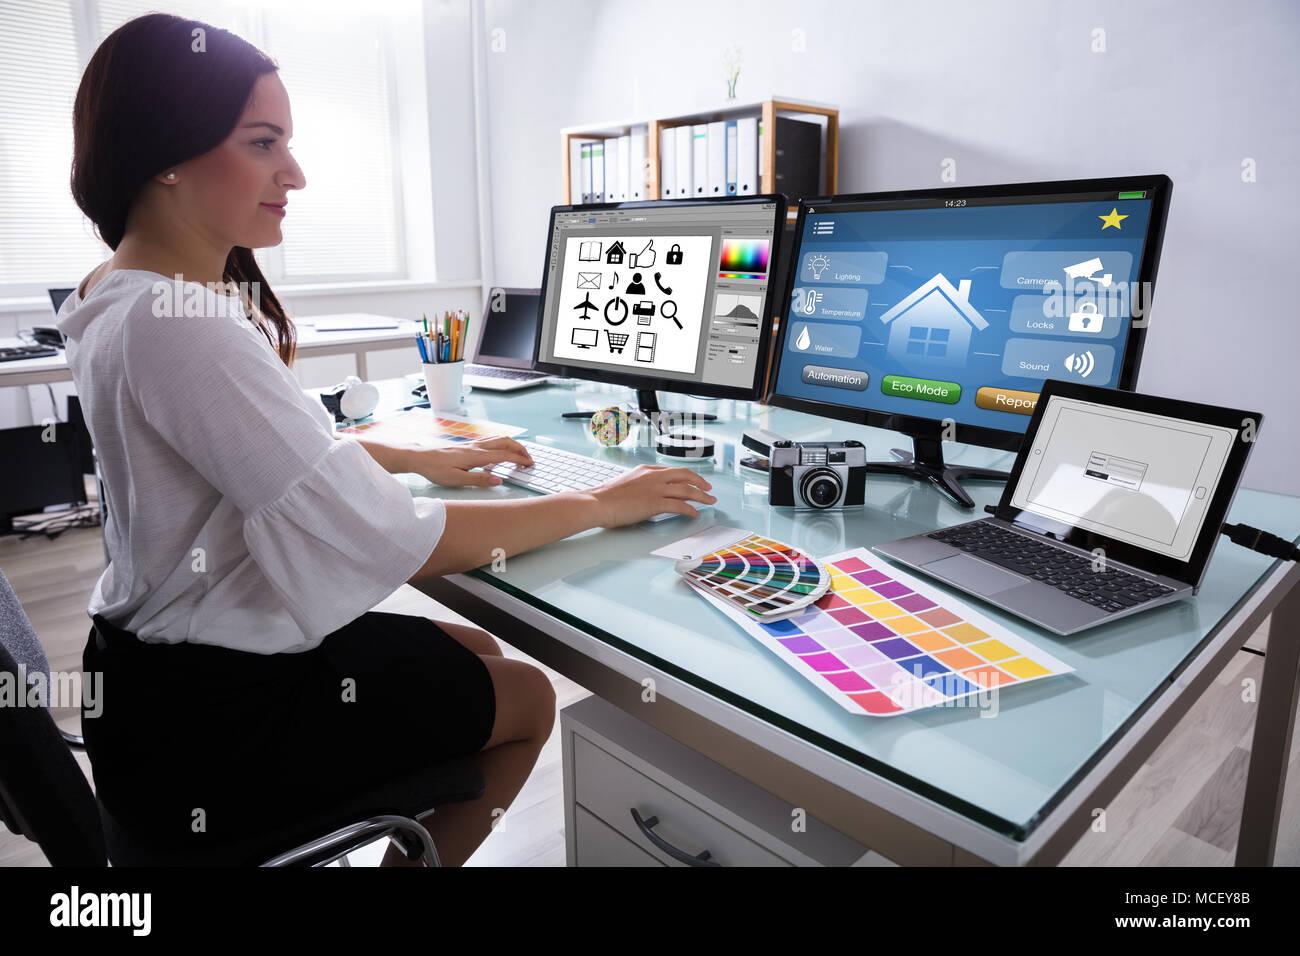 Close-up de una hembra diseñador trabaje en varios equipos en el lugar de trabajo Imagen De Stock